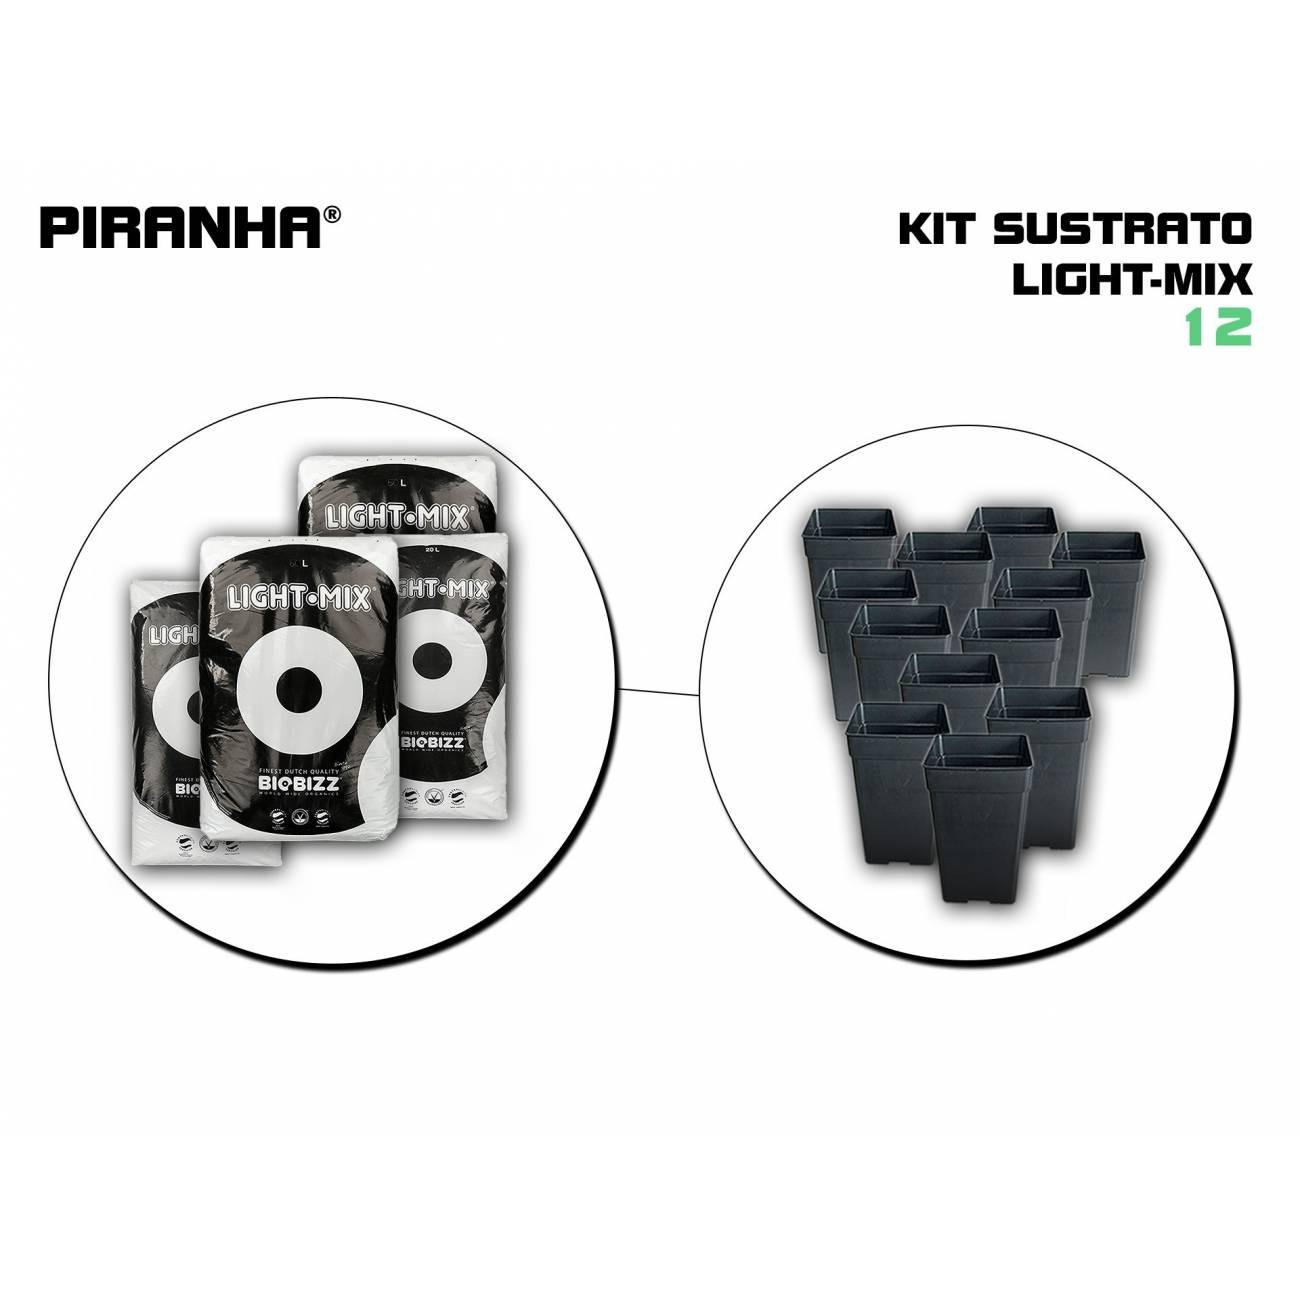 Kit Sustrato 12 Light Mix